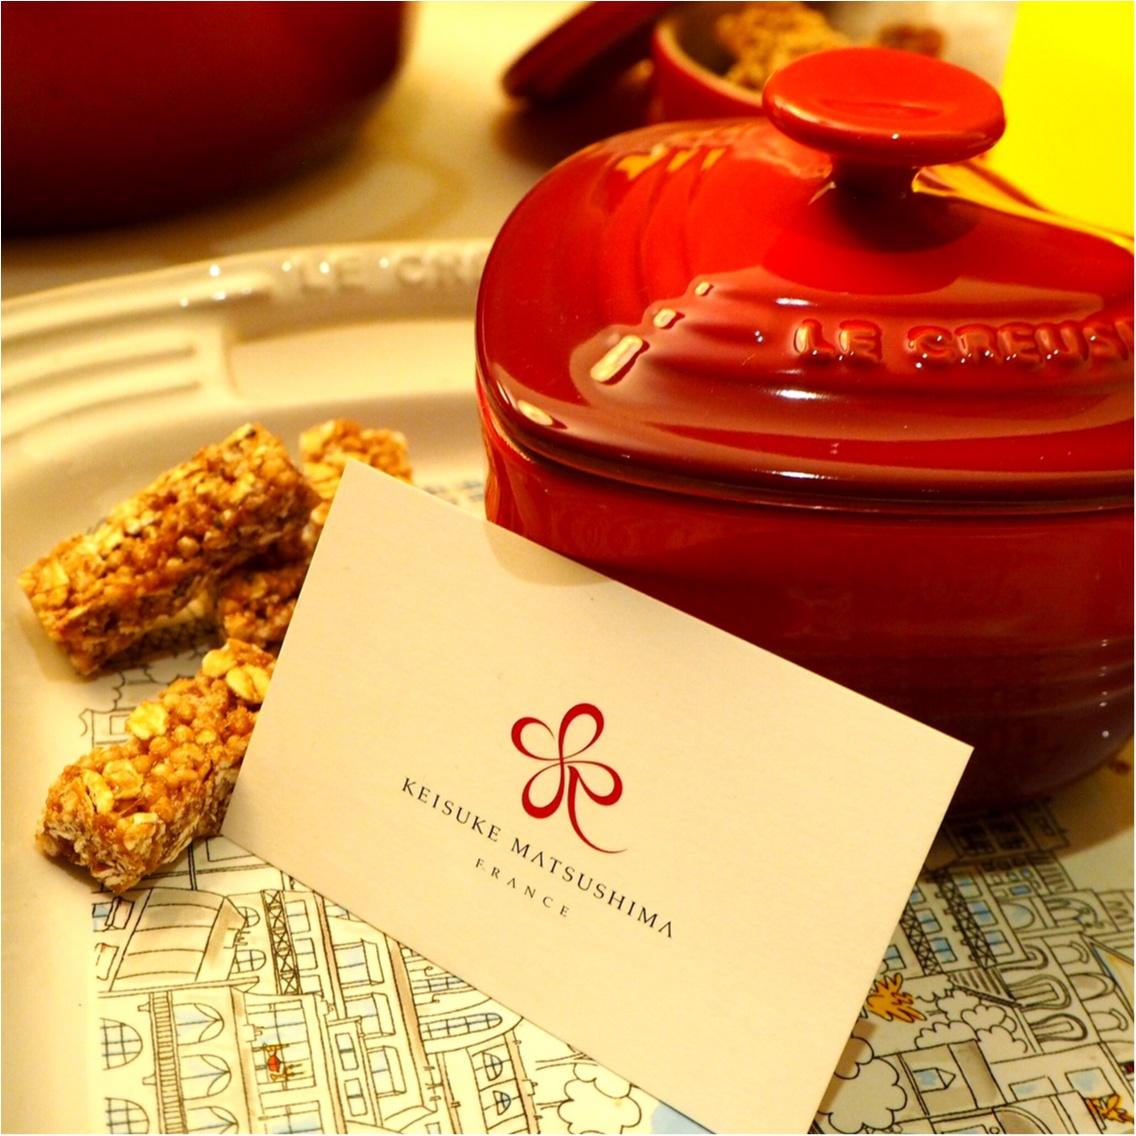 クリスマス限定メニューを食べて内側からキレイになろう♡3社コラボのクリスマスコース_3